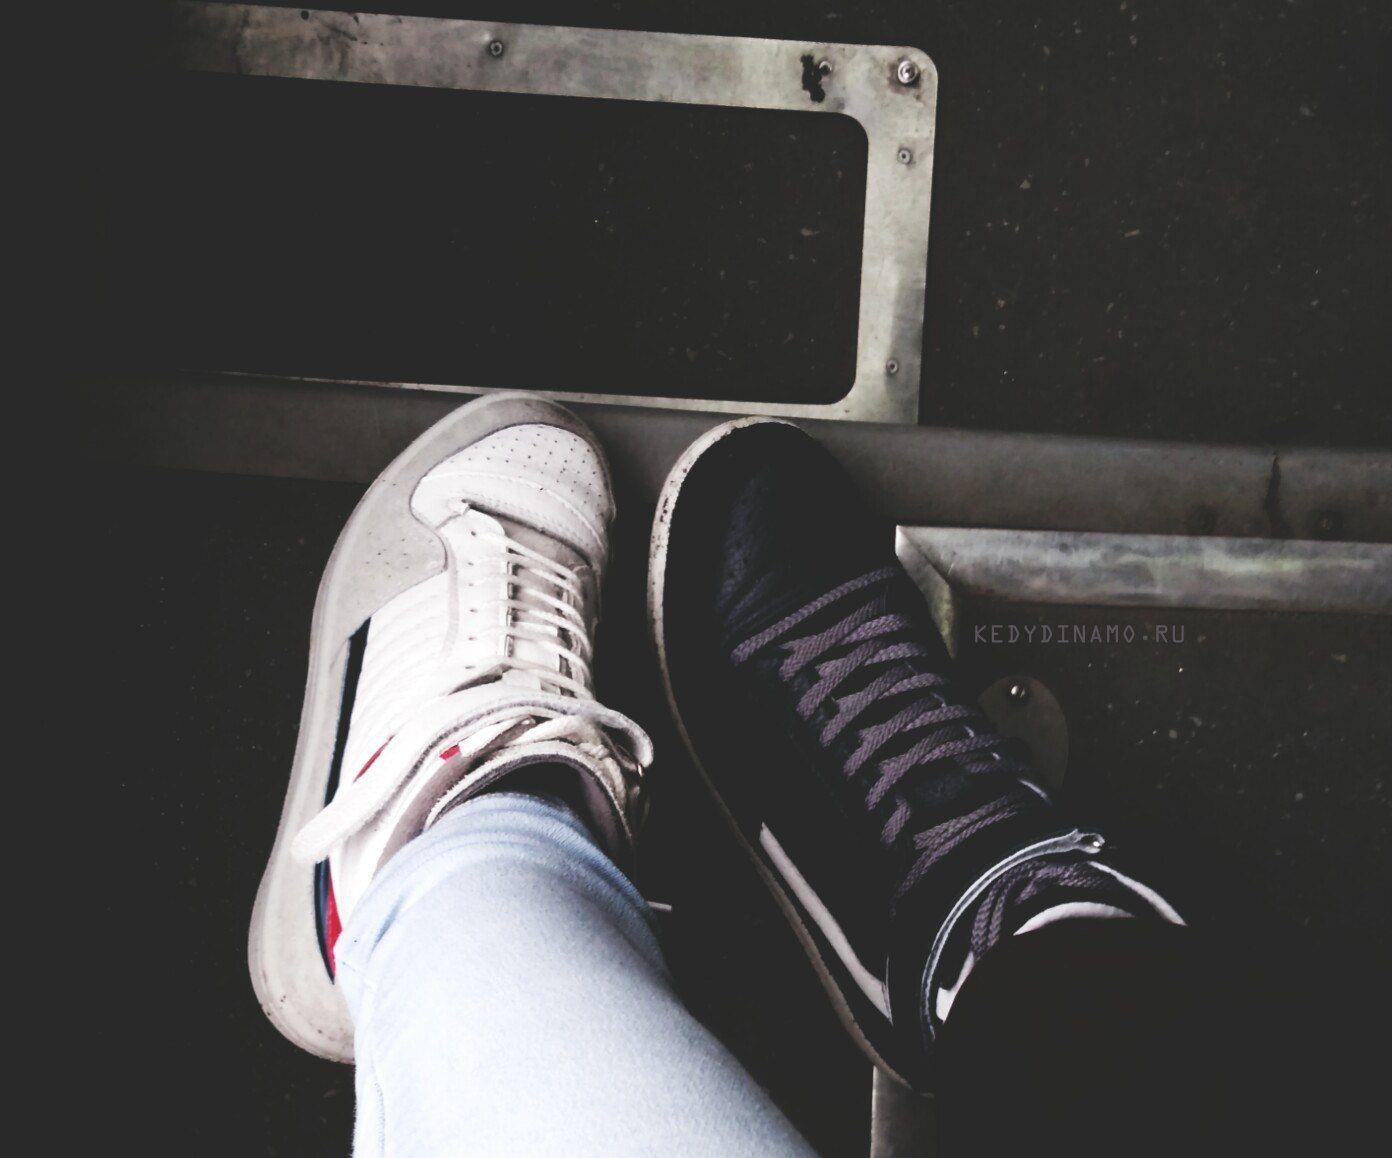 Мои любимые кроссовки динамо, Гус-2. Высокие. Белые, ставшие классикой и bb7da141372